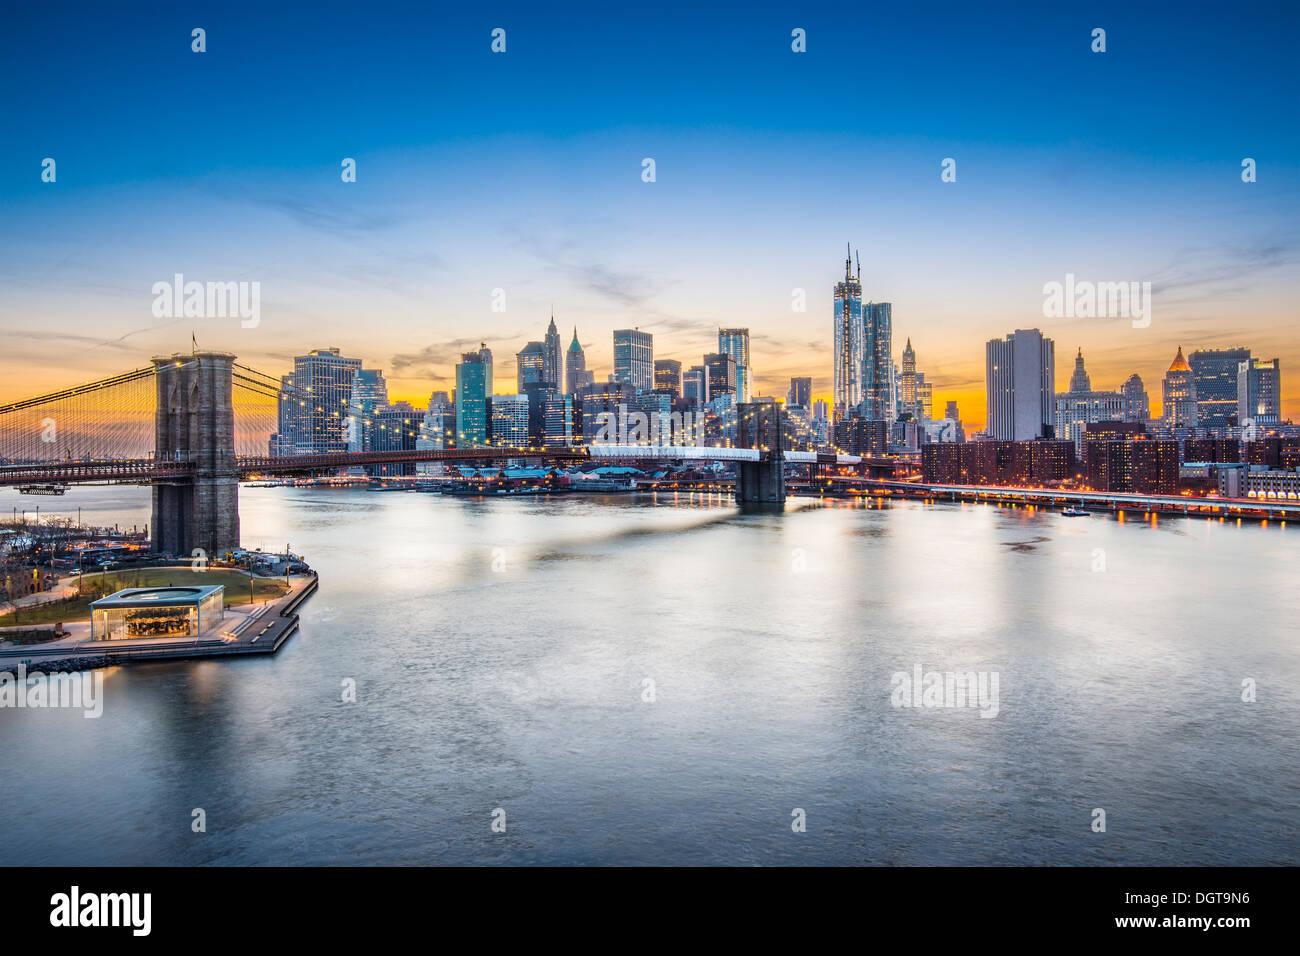 Blick auf New York City über den East River in Richtung das Finanzviertel im Stadtteil Manhattan. Stockbild